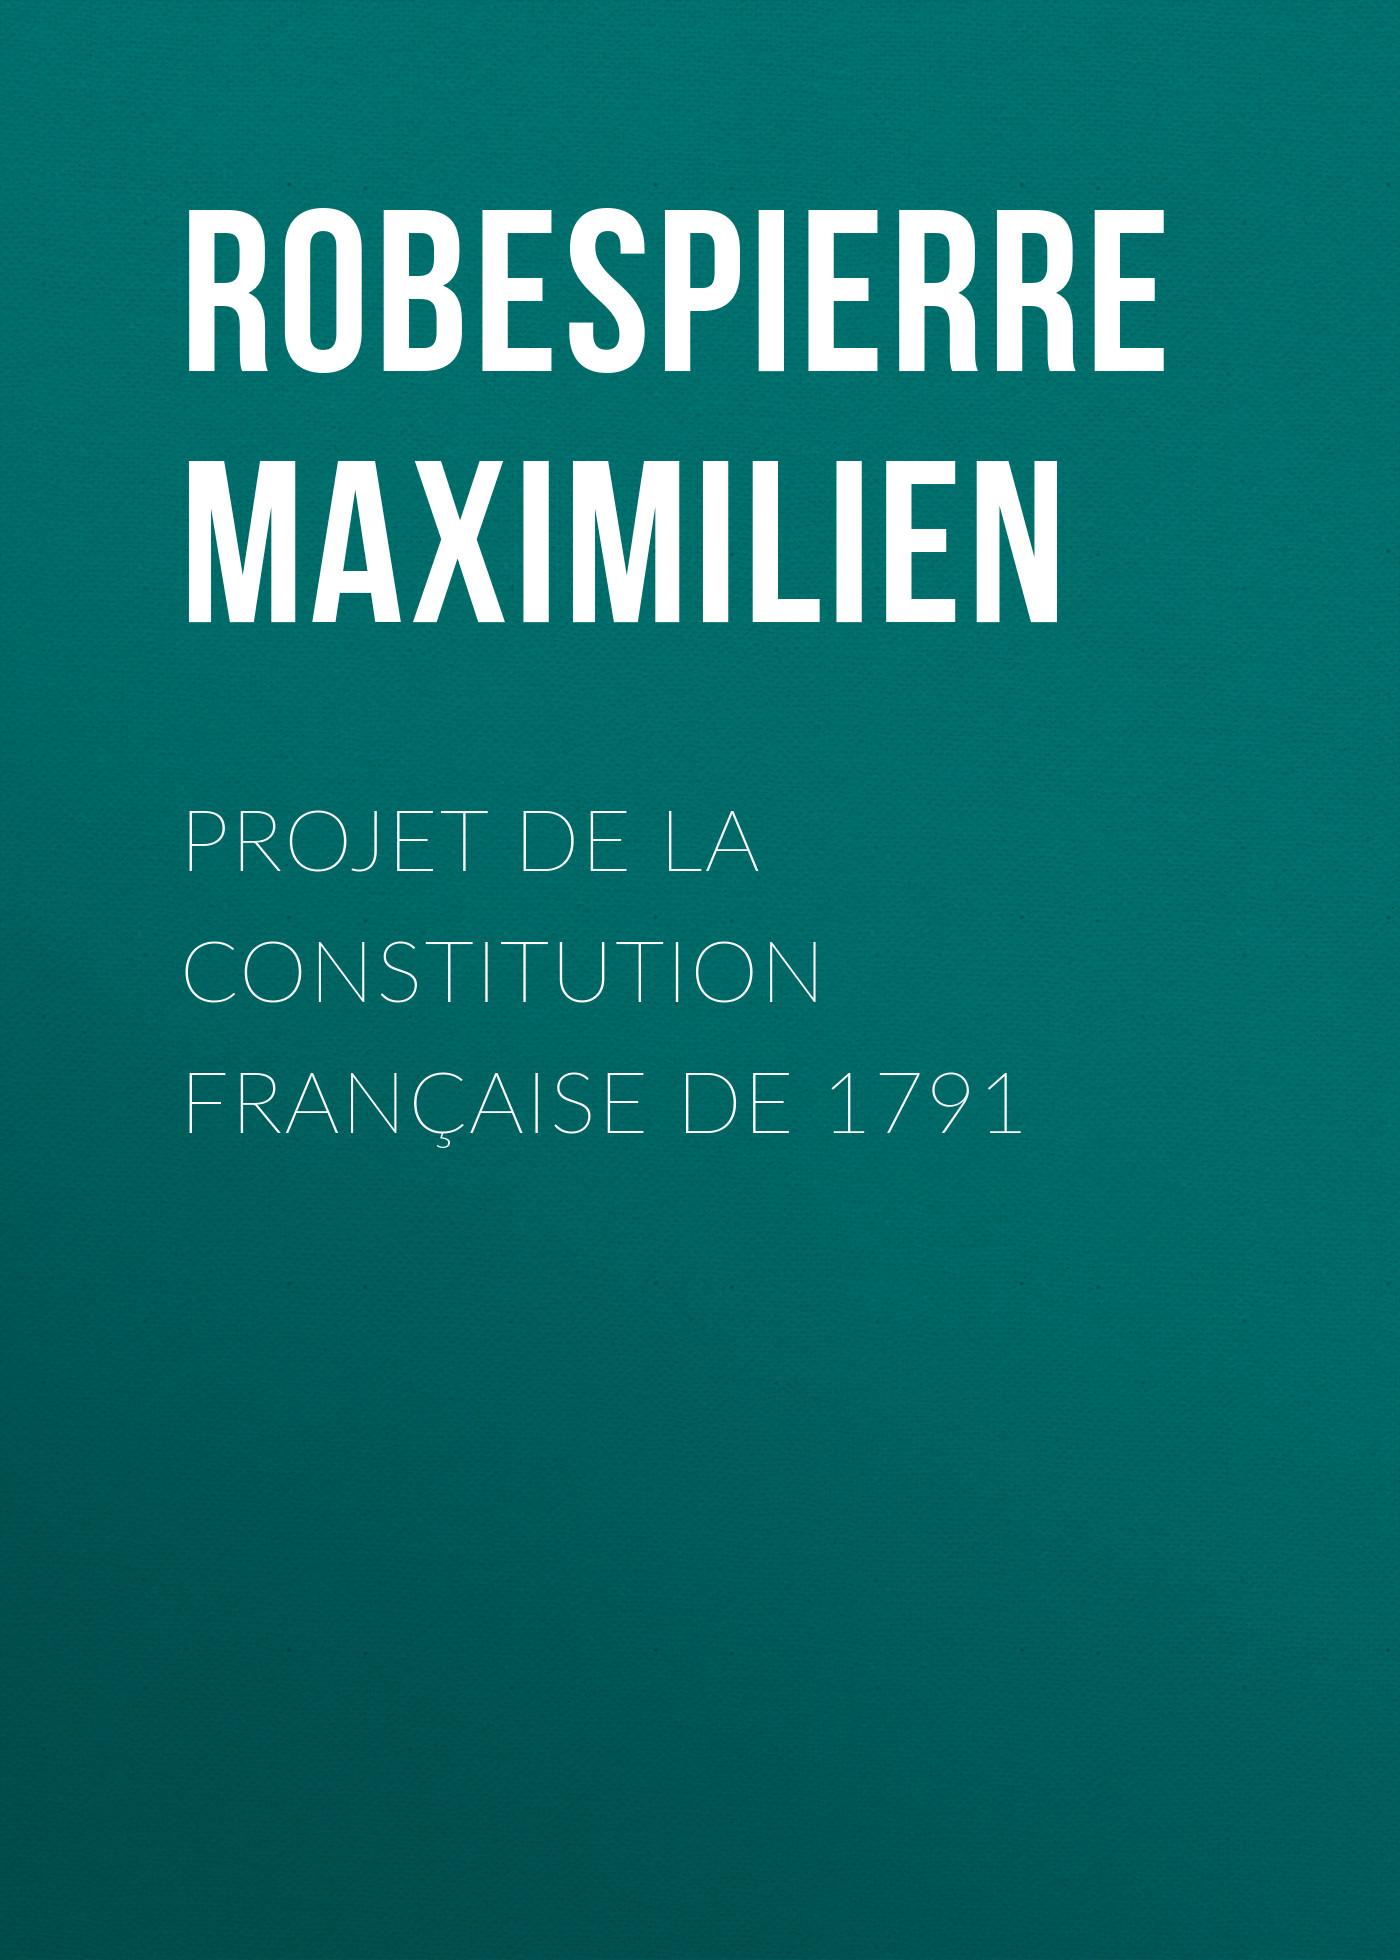 цены Robespierre Maximilien Projet de la constitution française de 1791